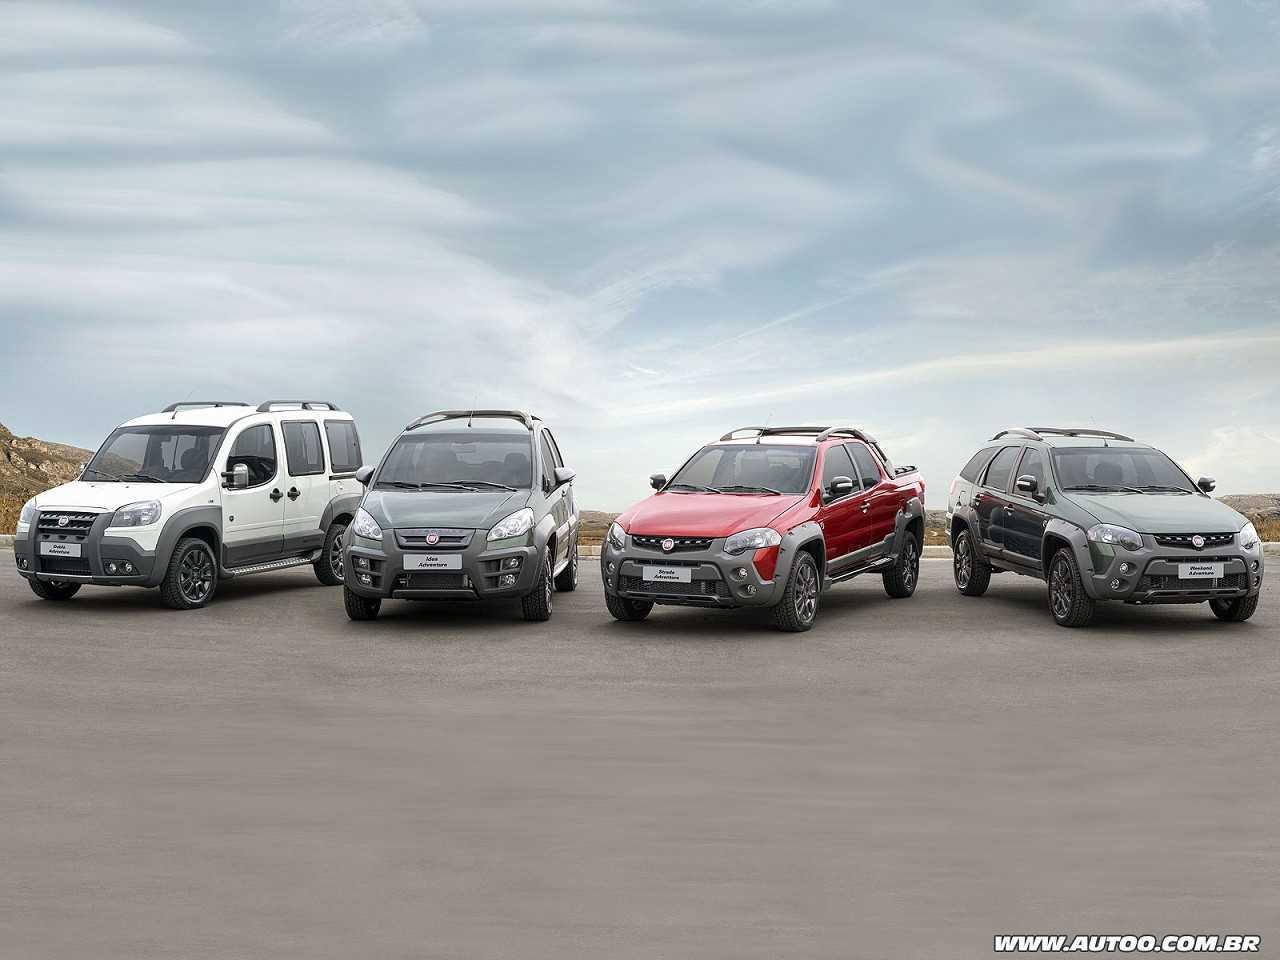 Linha Fiat Adventure Extreme